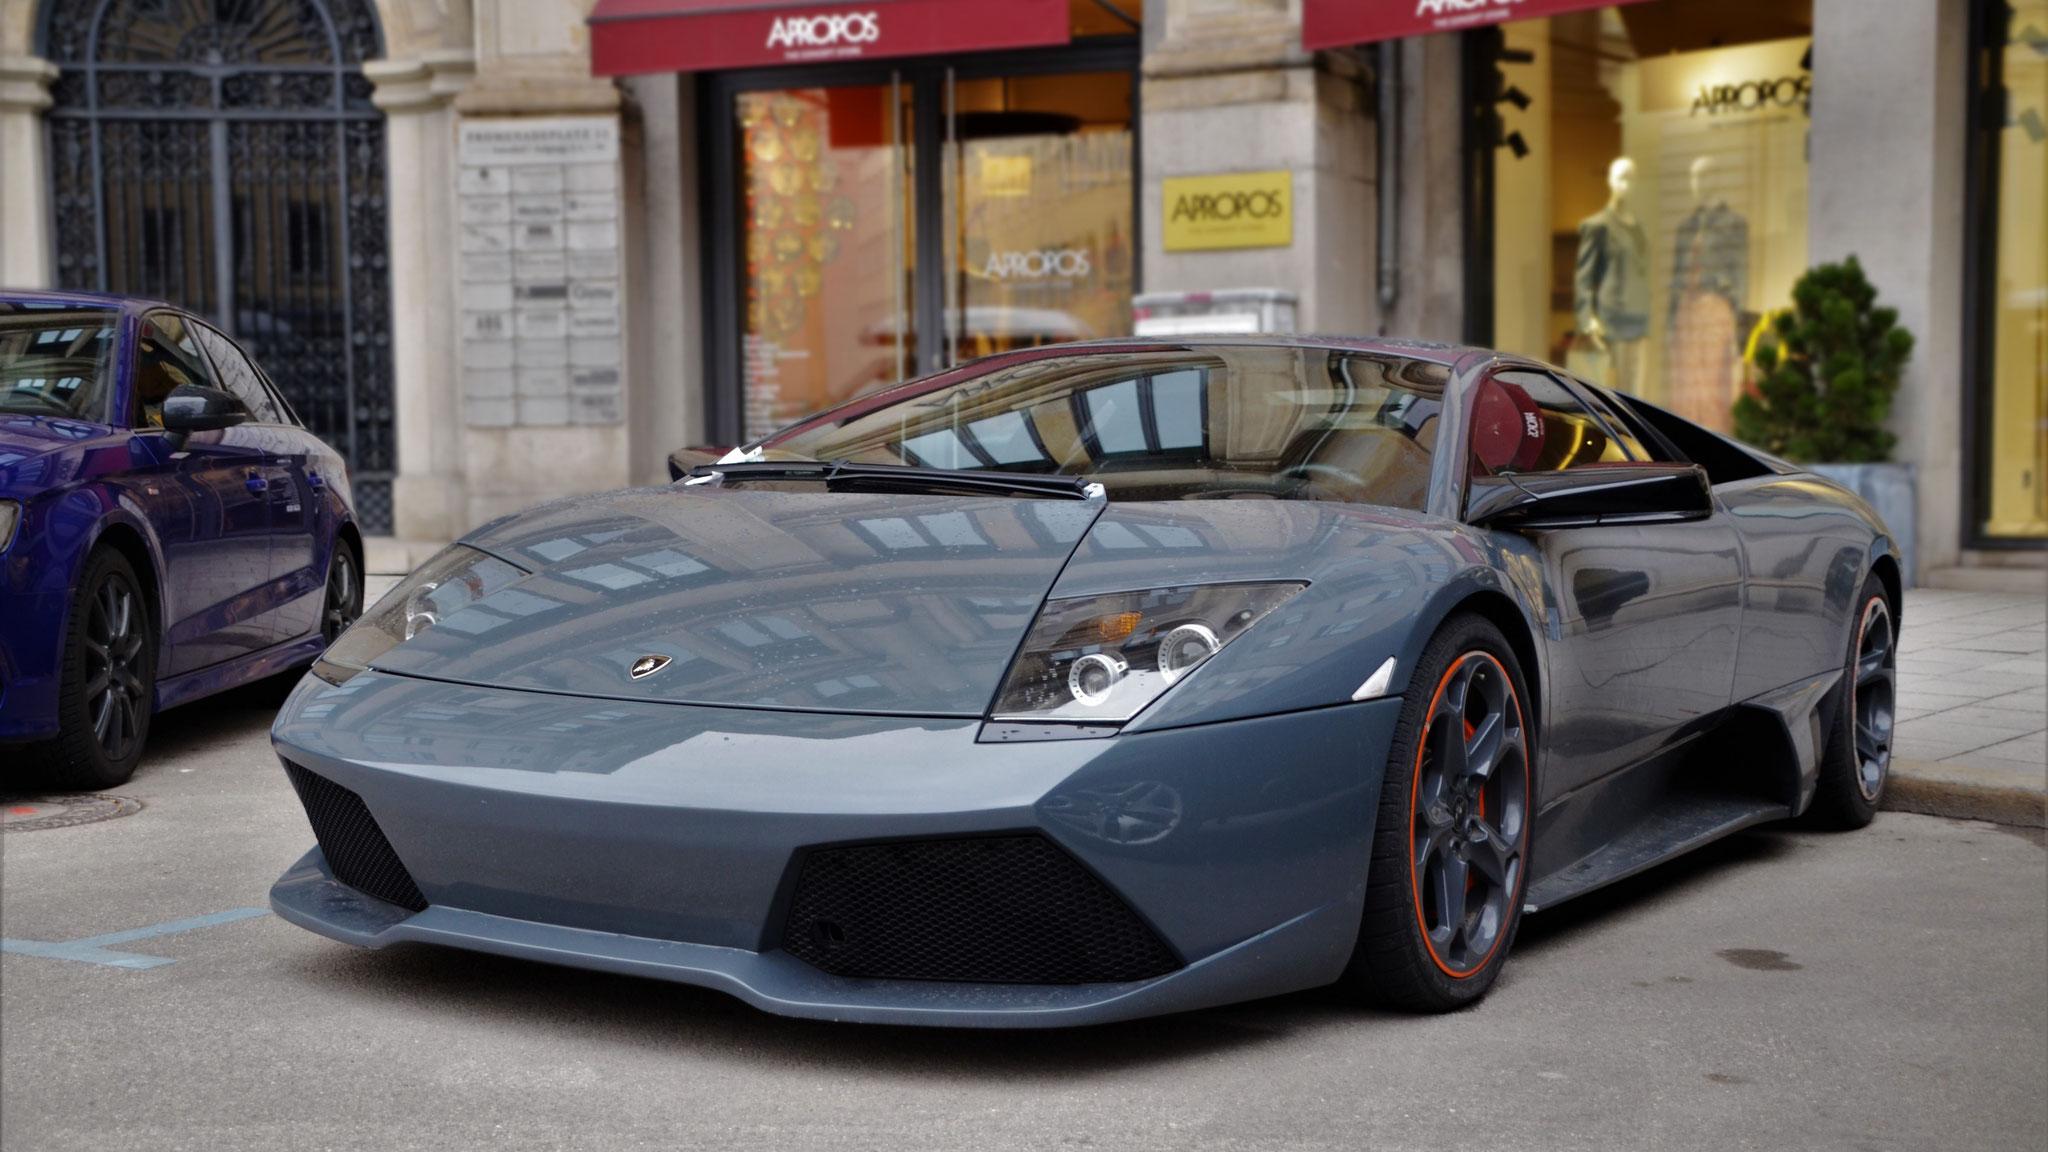 Lamborghini Murcielago - DW-1M666 (PL)